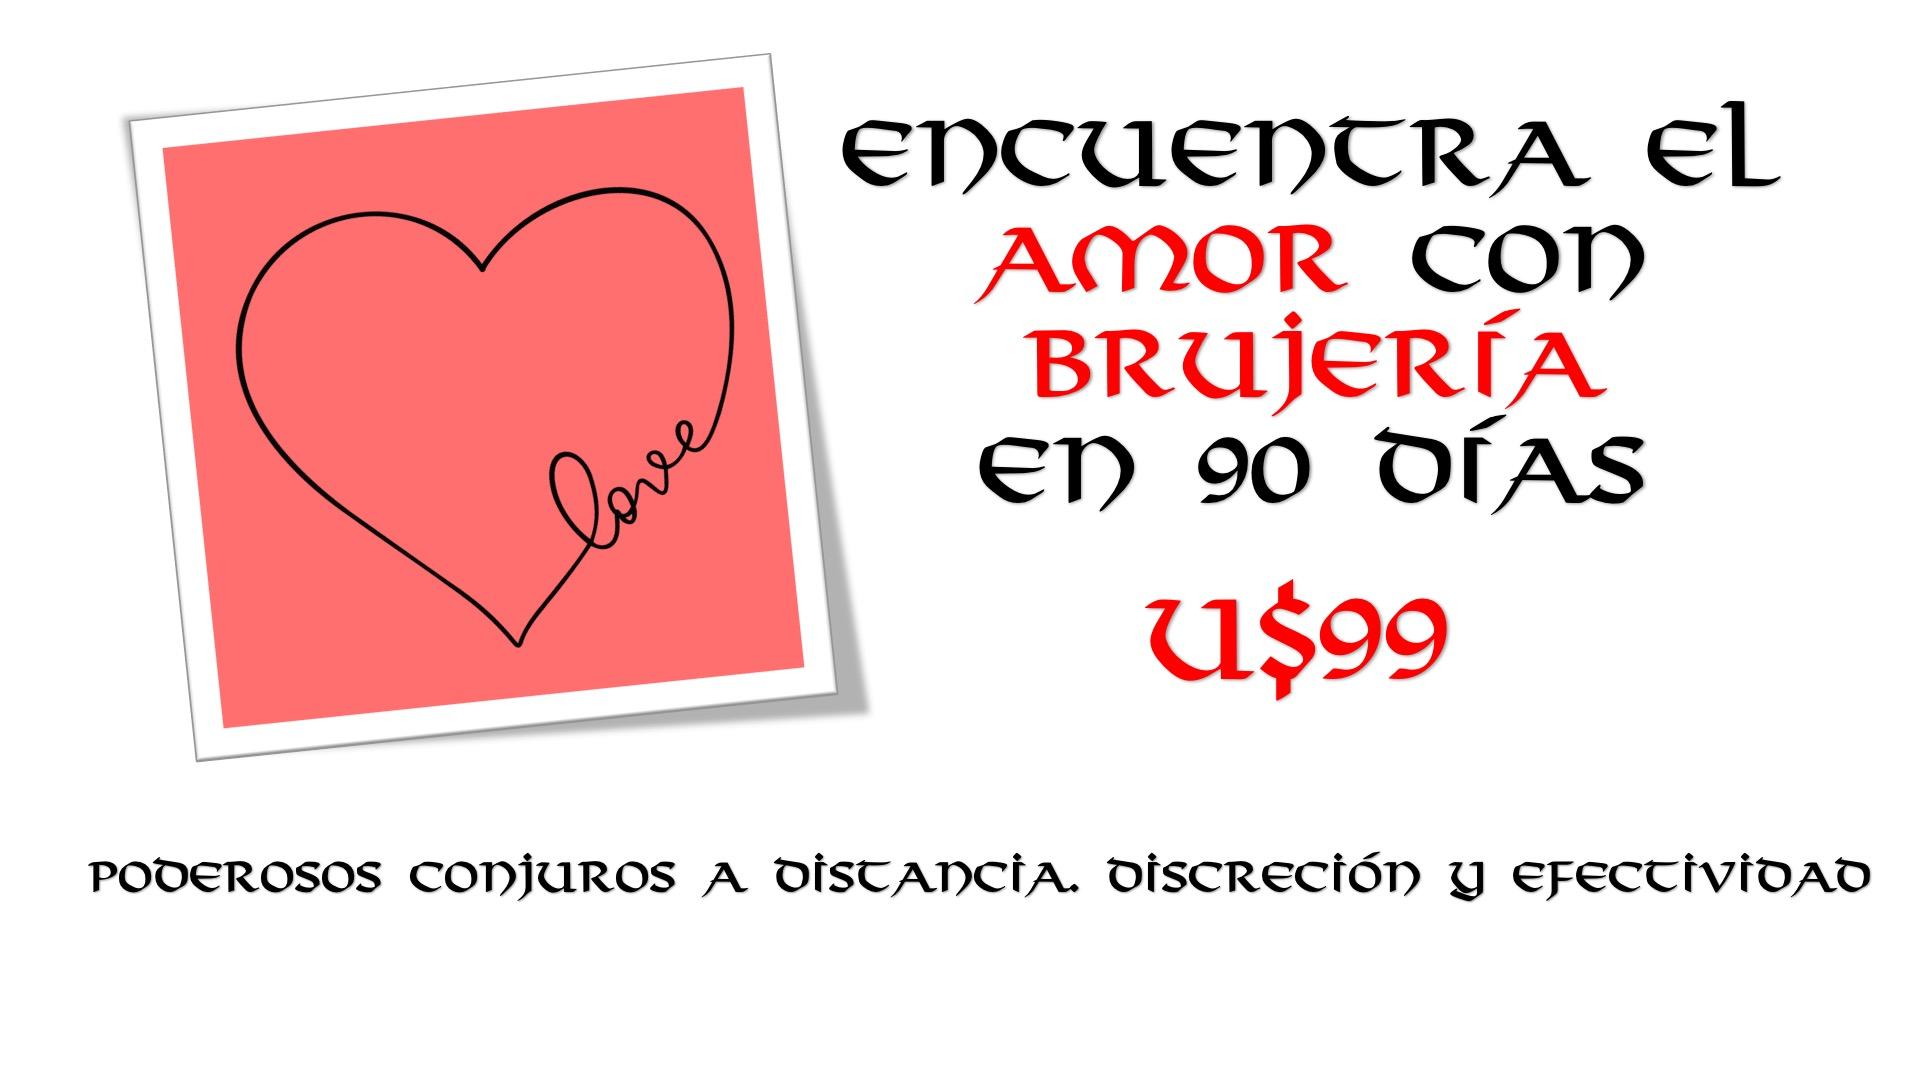 Hechizo de Amor San Valentín 2019 - Encuentra el Amor con Brujería en 90 Días